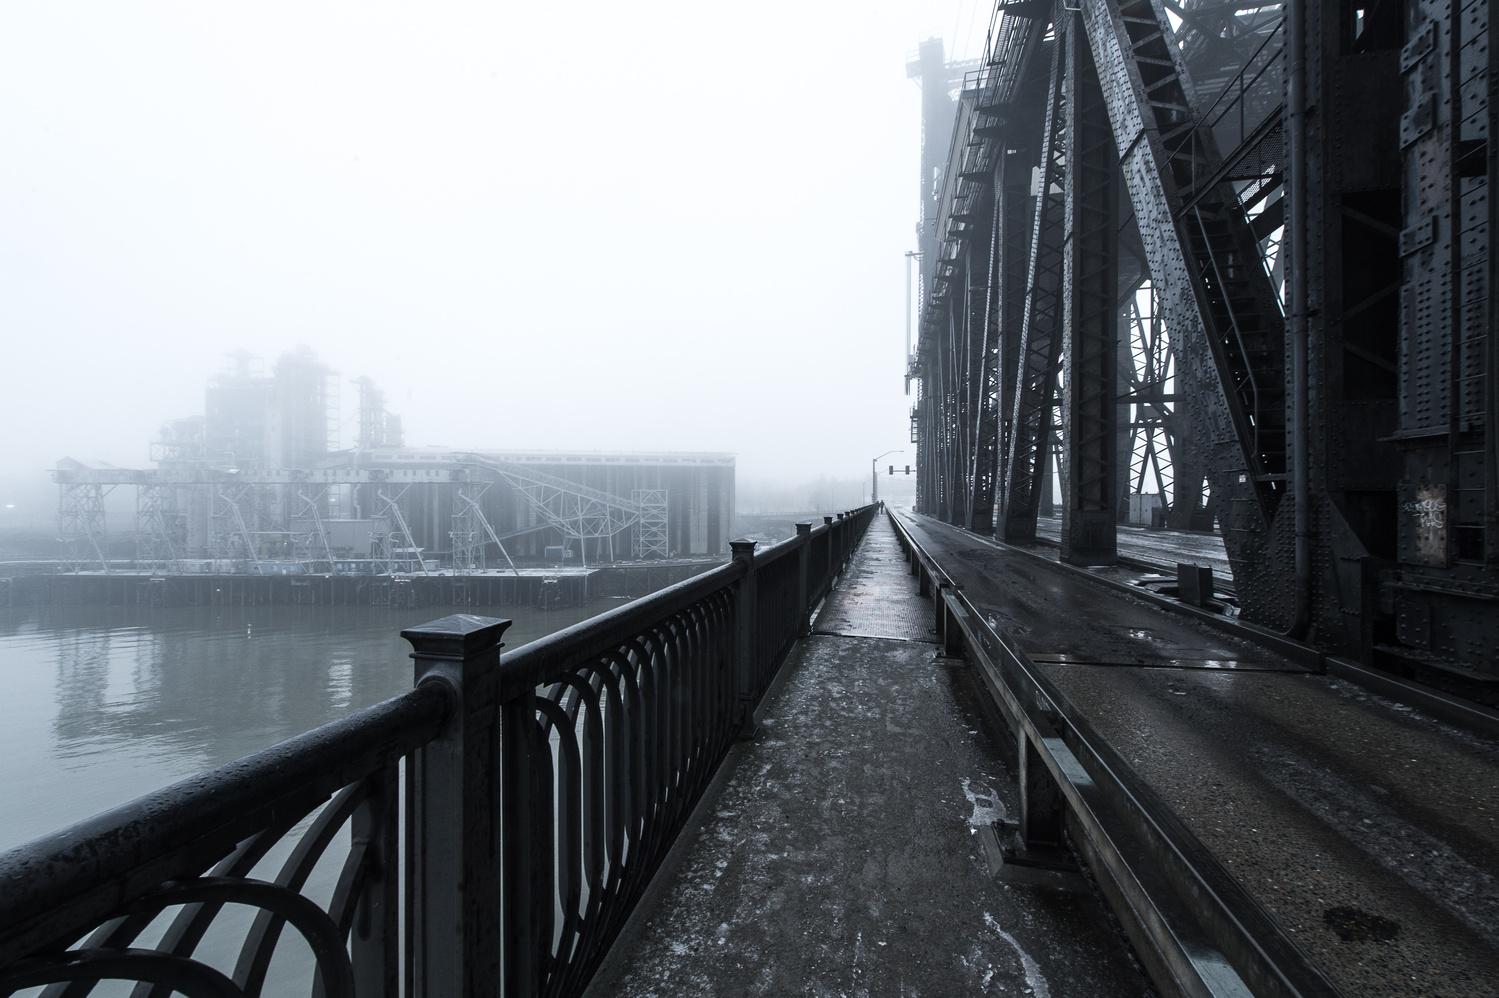 Portland Gloom by David De Gendt